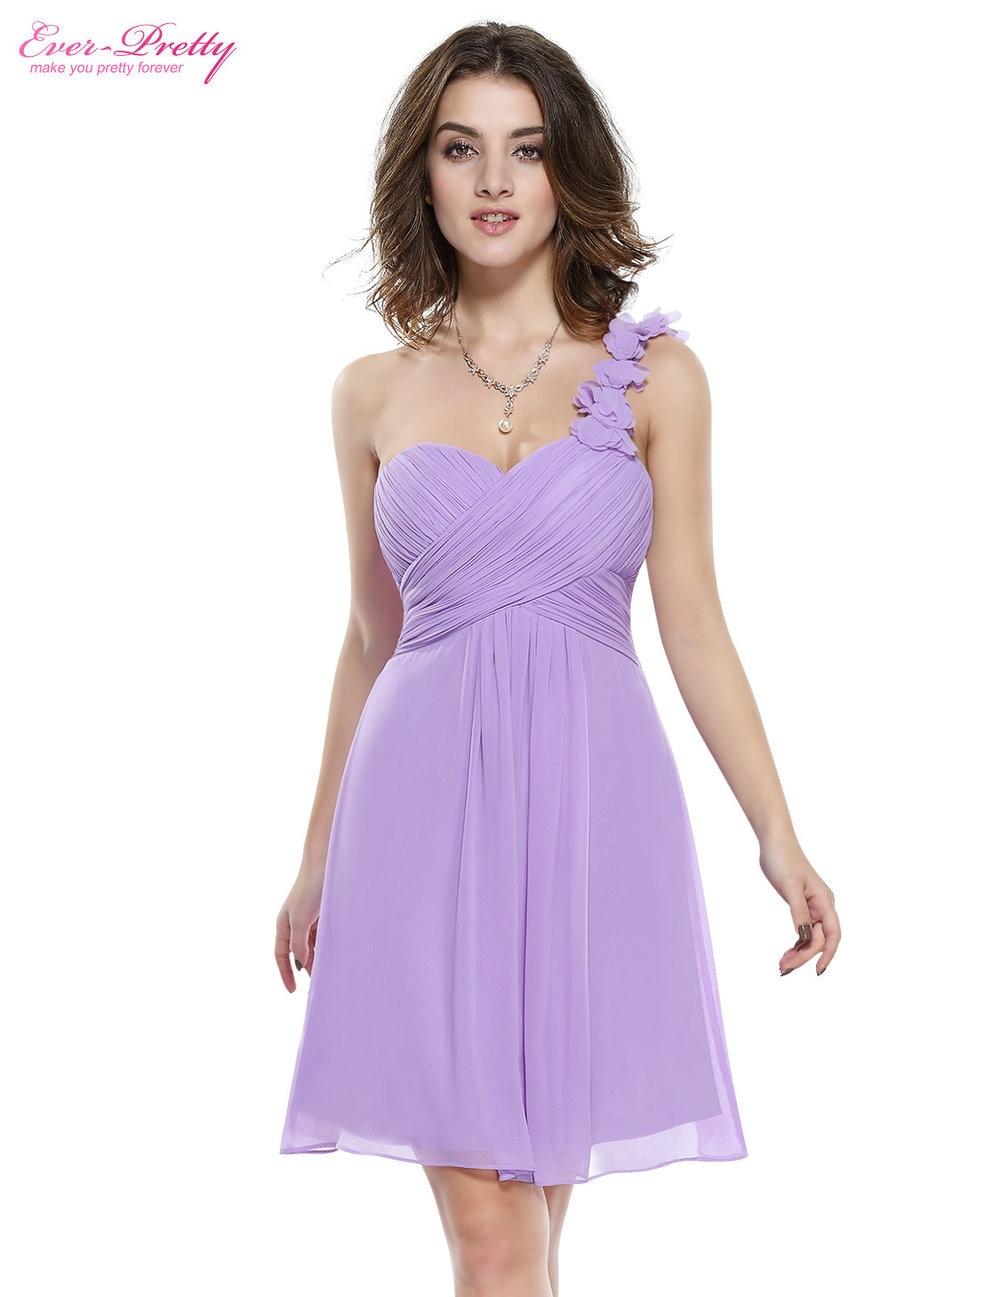 Цветы розовый персик коралловый цвет одно плечо шифон короткие элегантные коктейльные платья HE03535 новое поступление - Цвет: Lavender